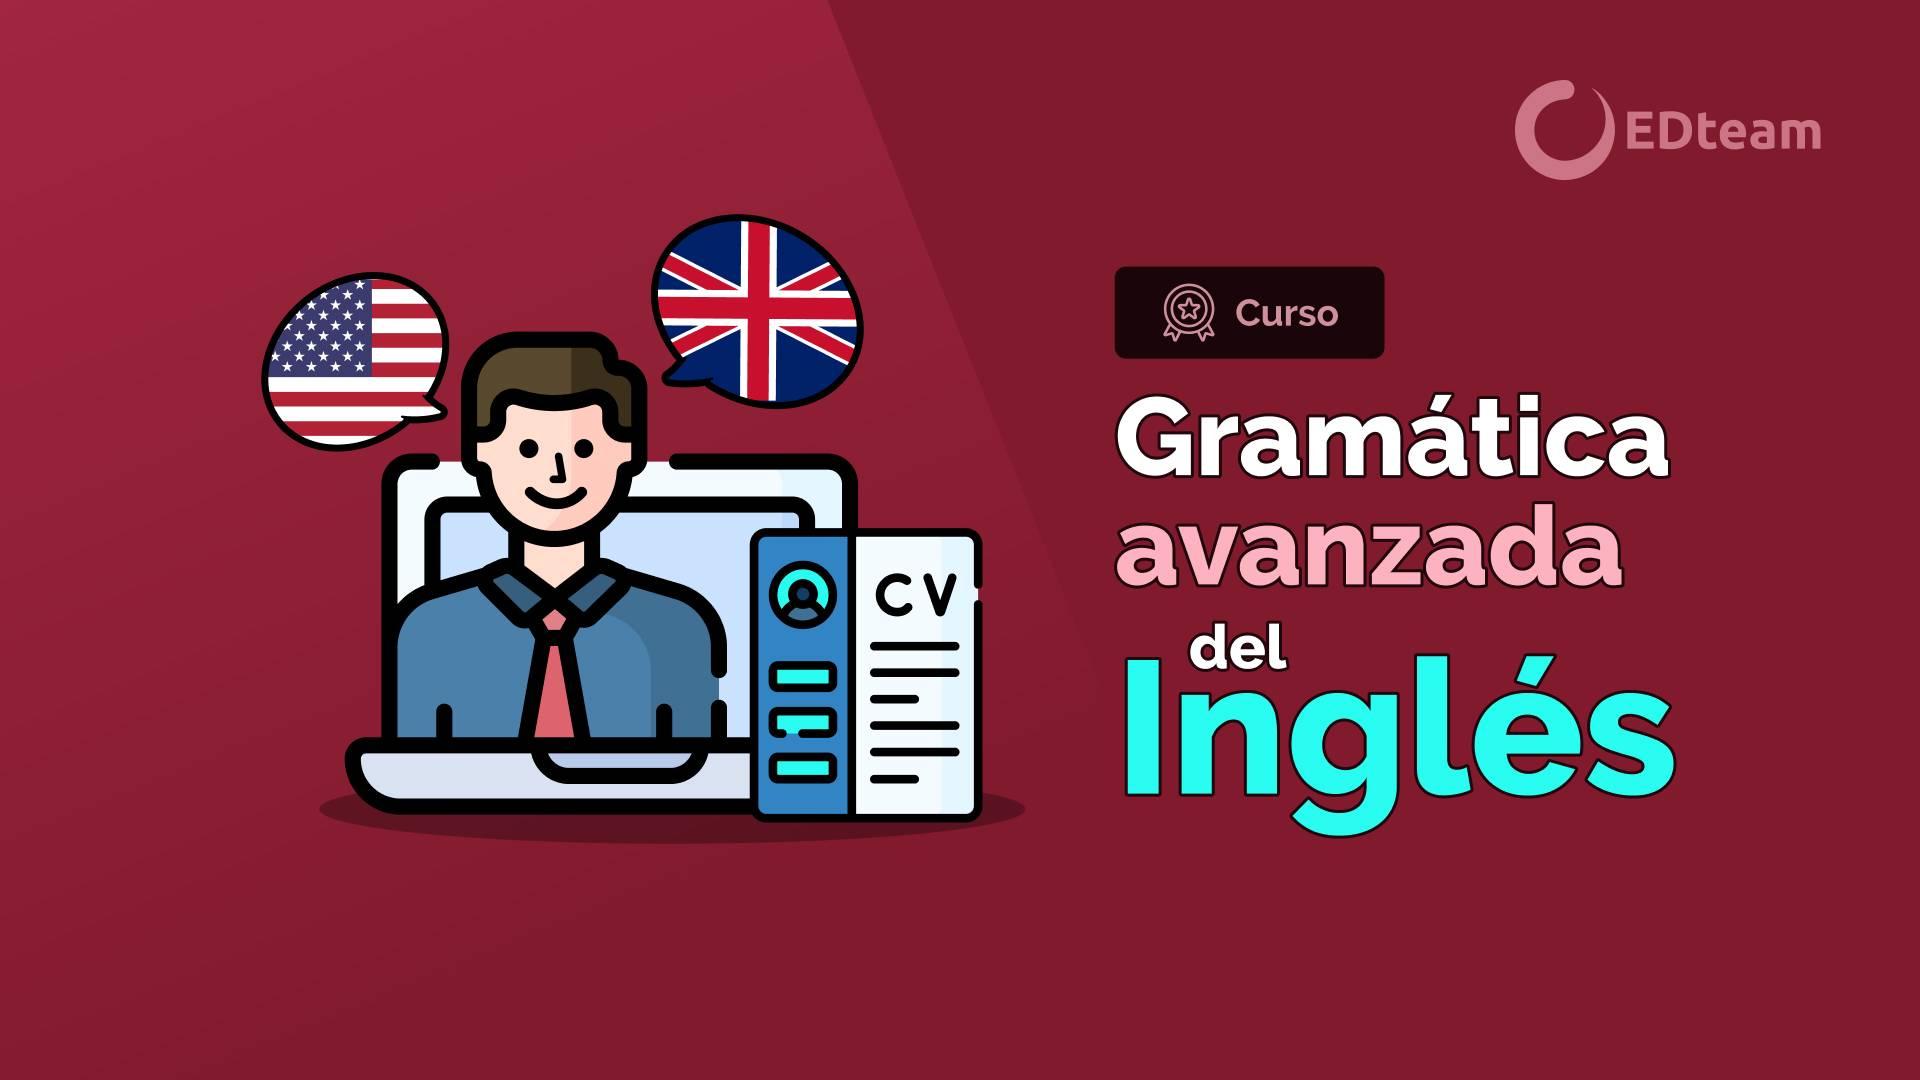 Gramática avanzada del inglés